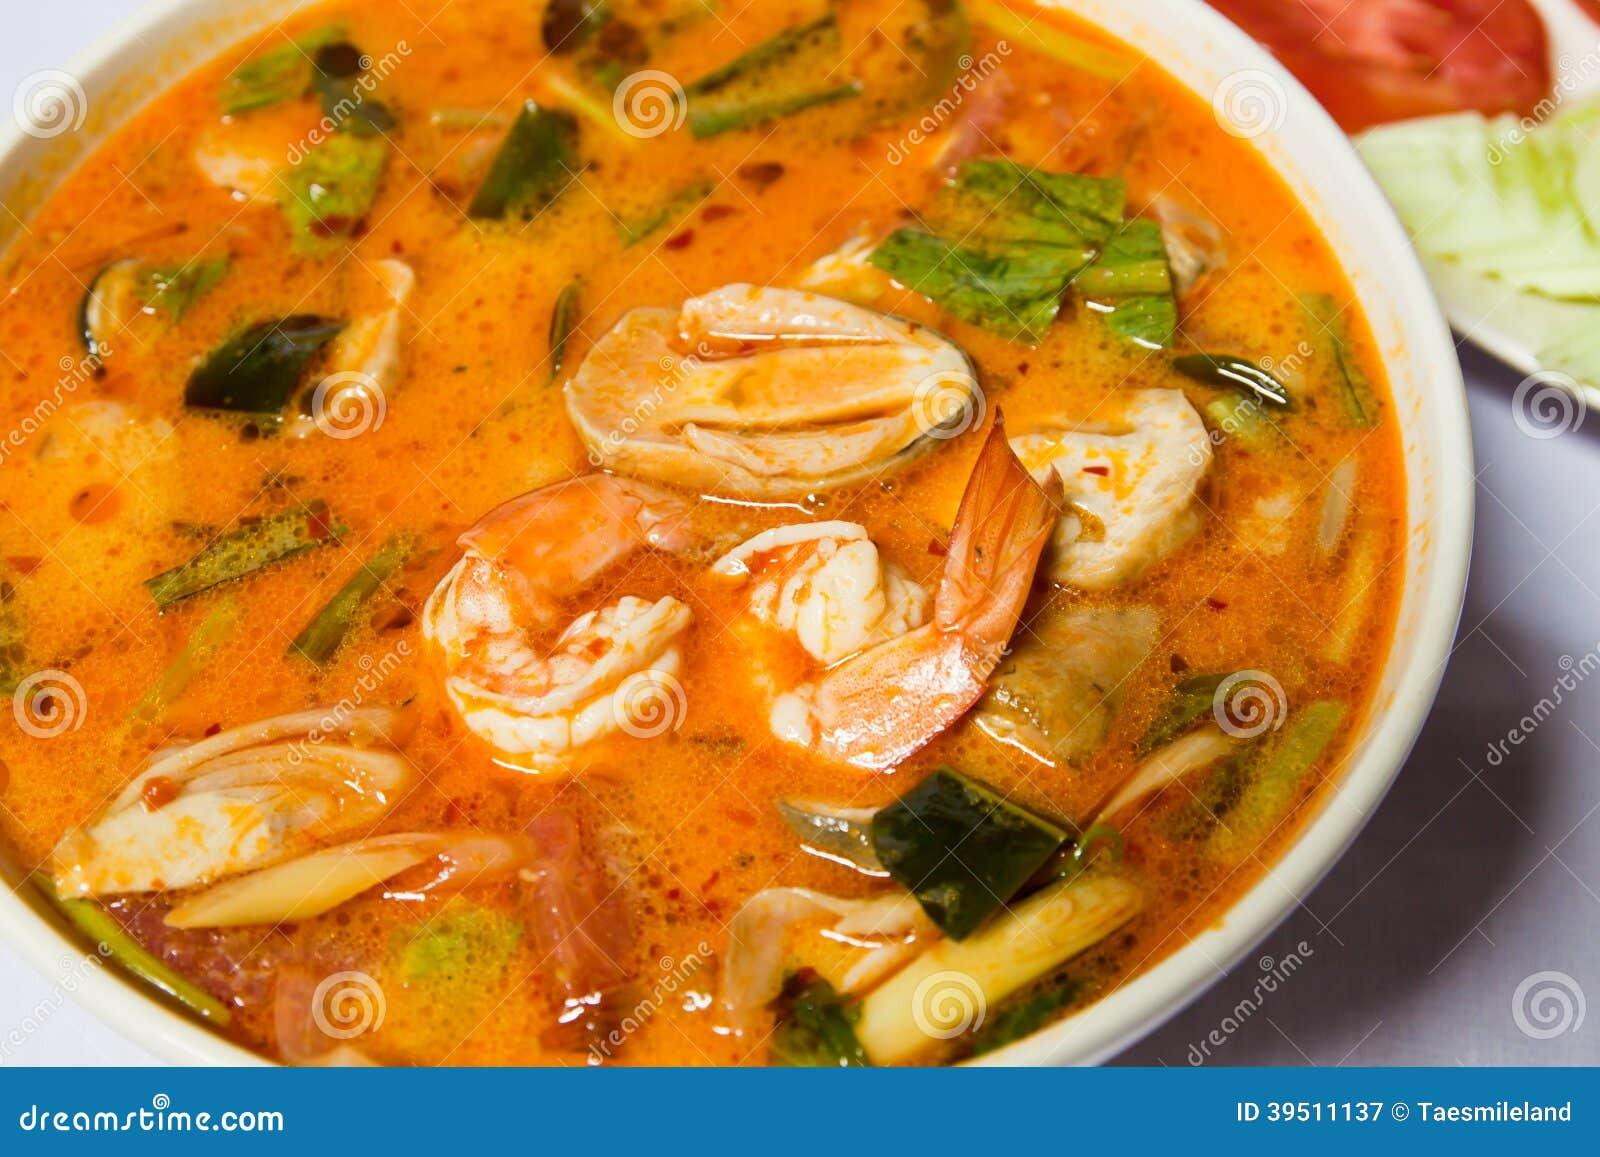 Thai popular food menu